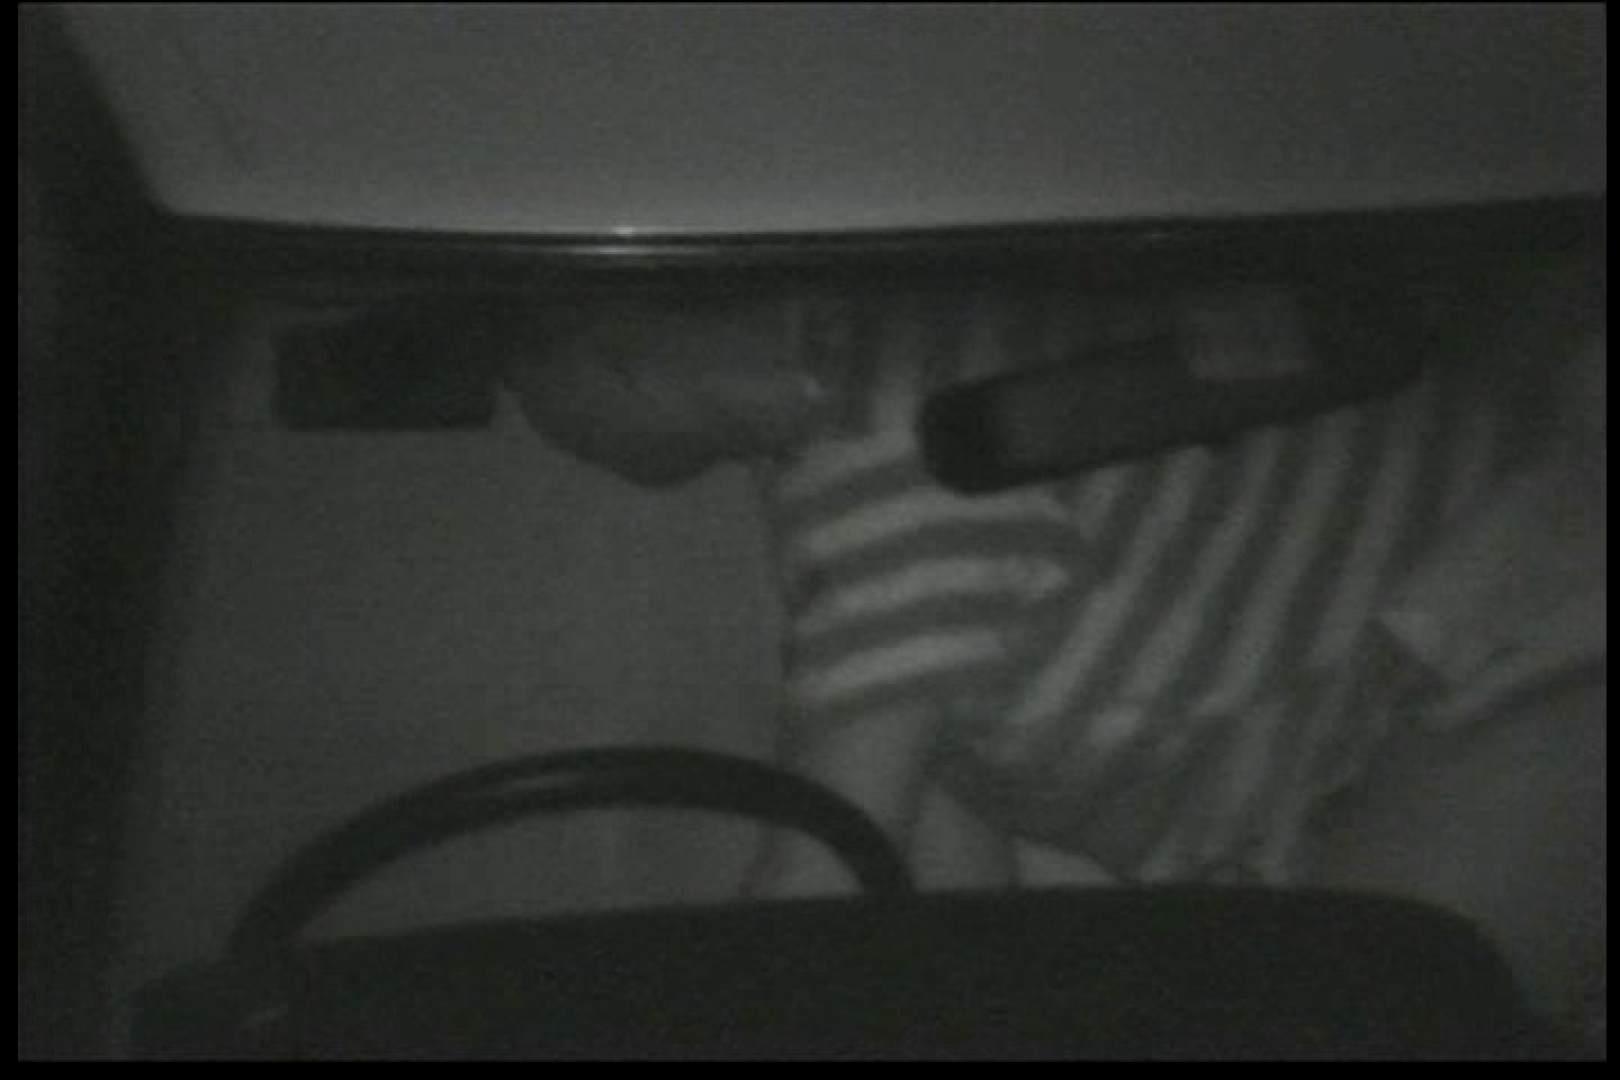 車の中はラブホテル 無修正版  Vol.12 望遠 隠し撮りオマンコ動画紹介 109連発 78